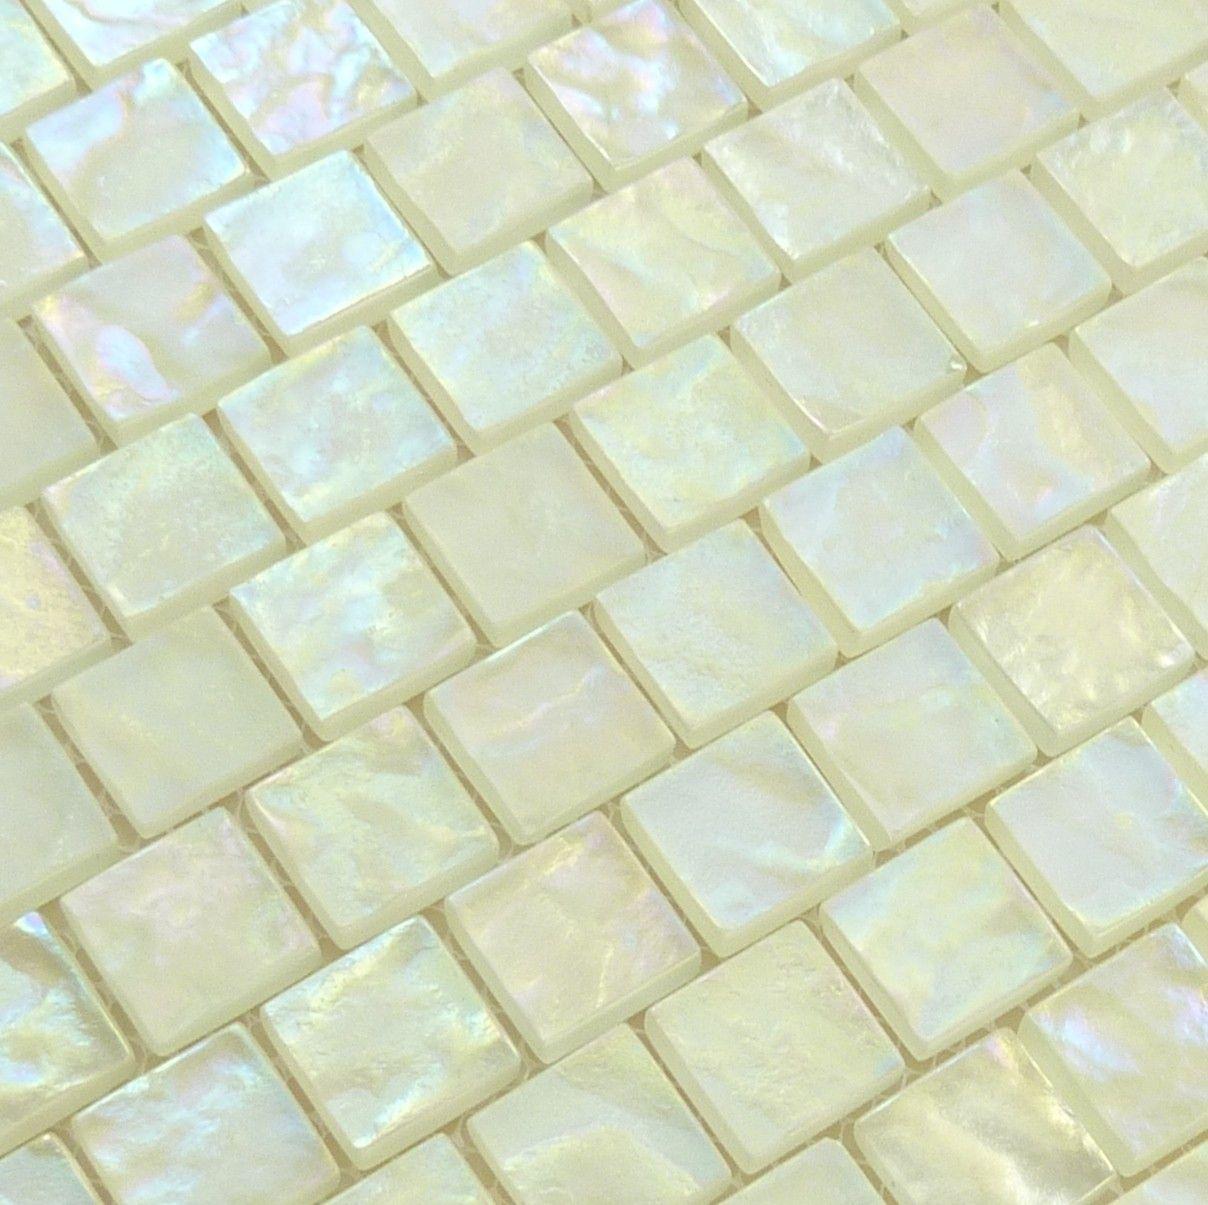 1 X 1 White Glass Square Tile Matte Iridescent 520 643 Iridescent Tile Iridescent Glass Tiles White Glass